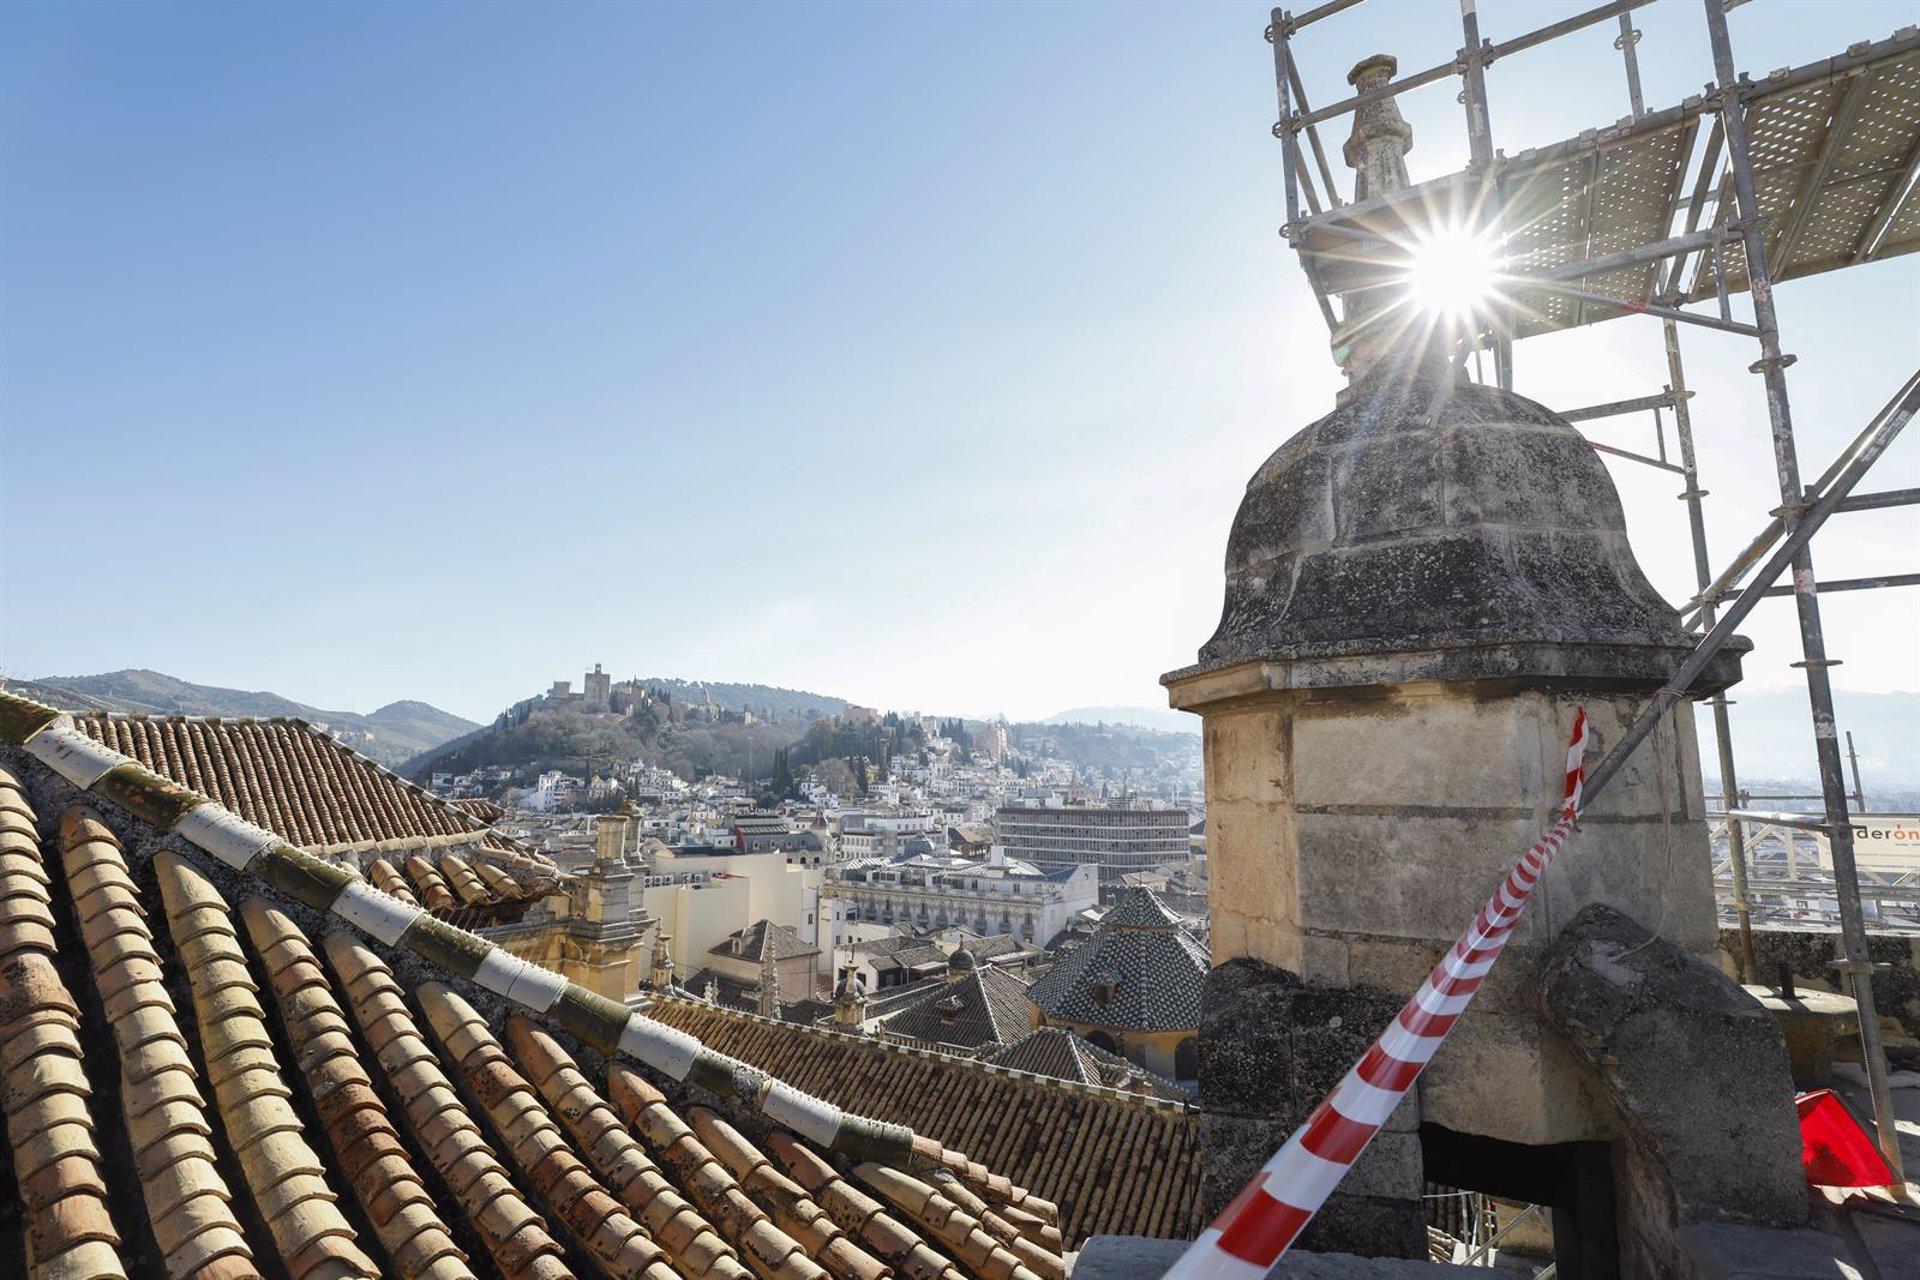 La serie sísmica suma ya más de 3.000 terremotos desde diciembre de 2020